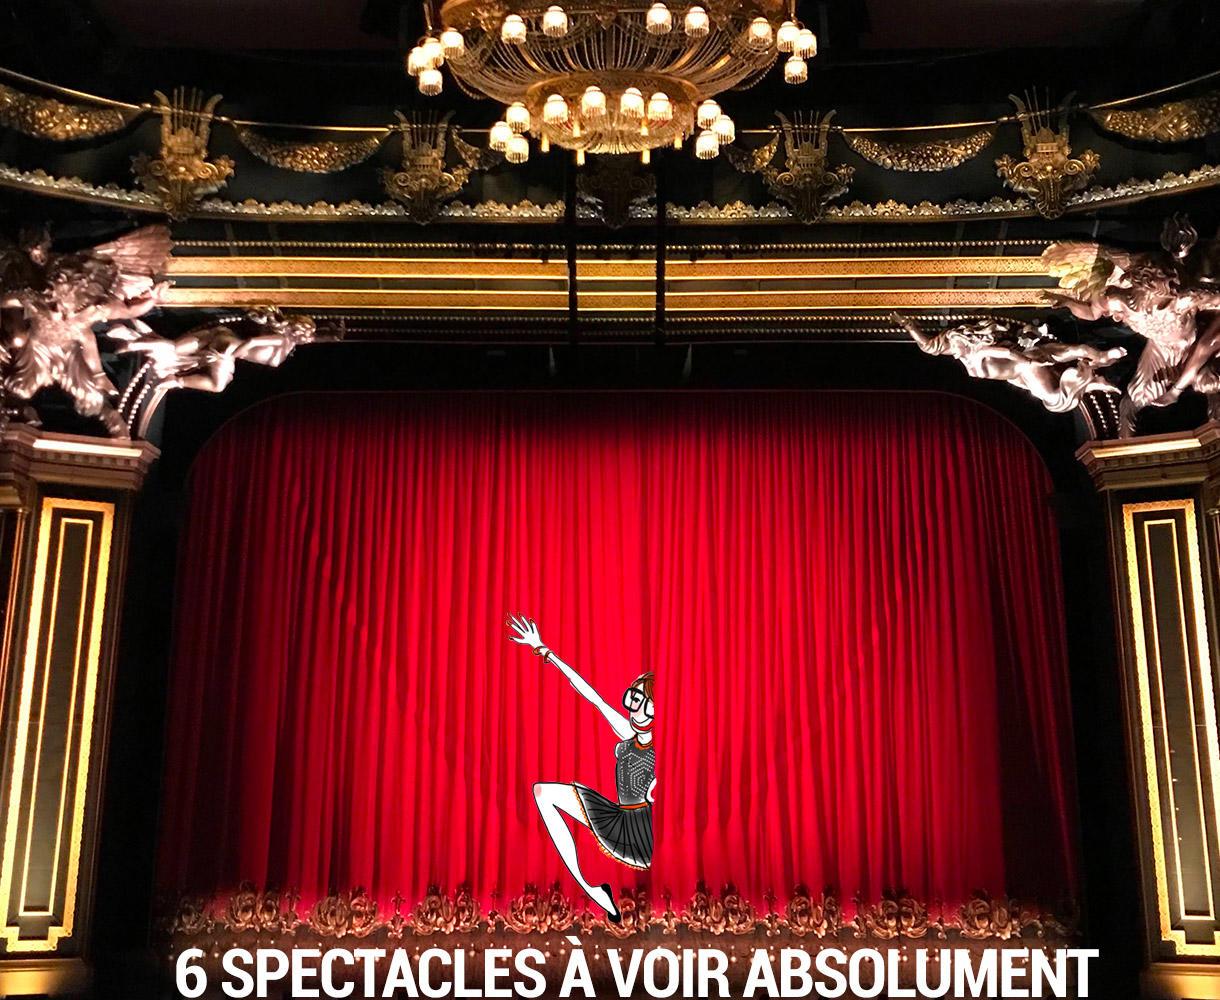 6 spectacles à voir absolument